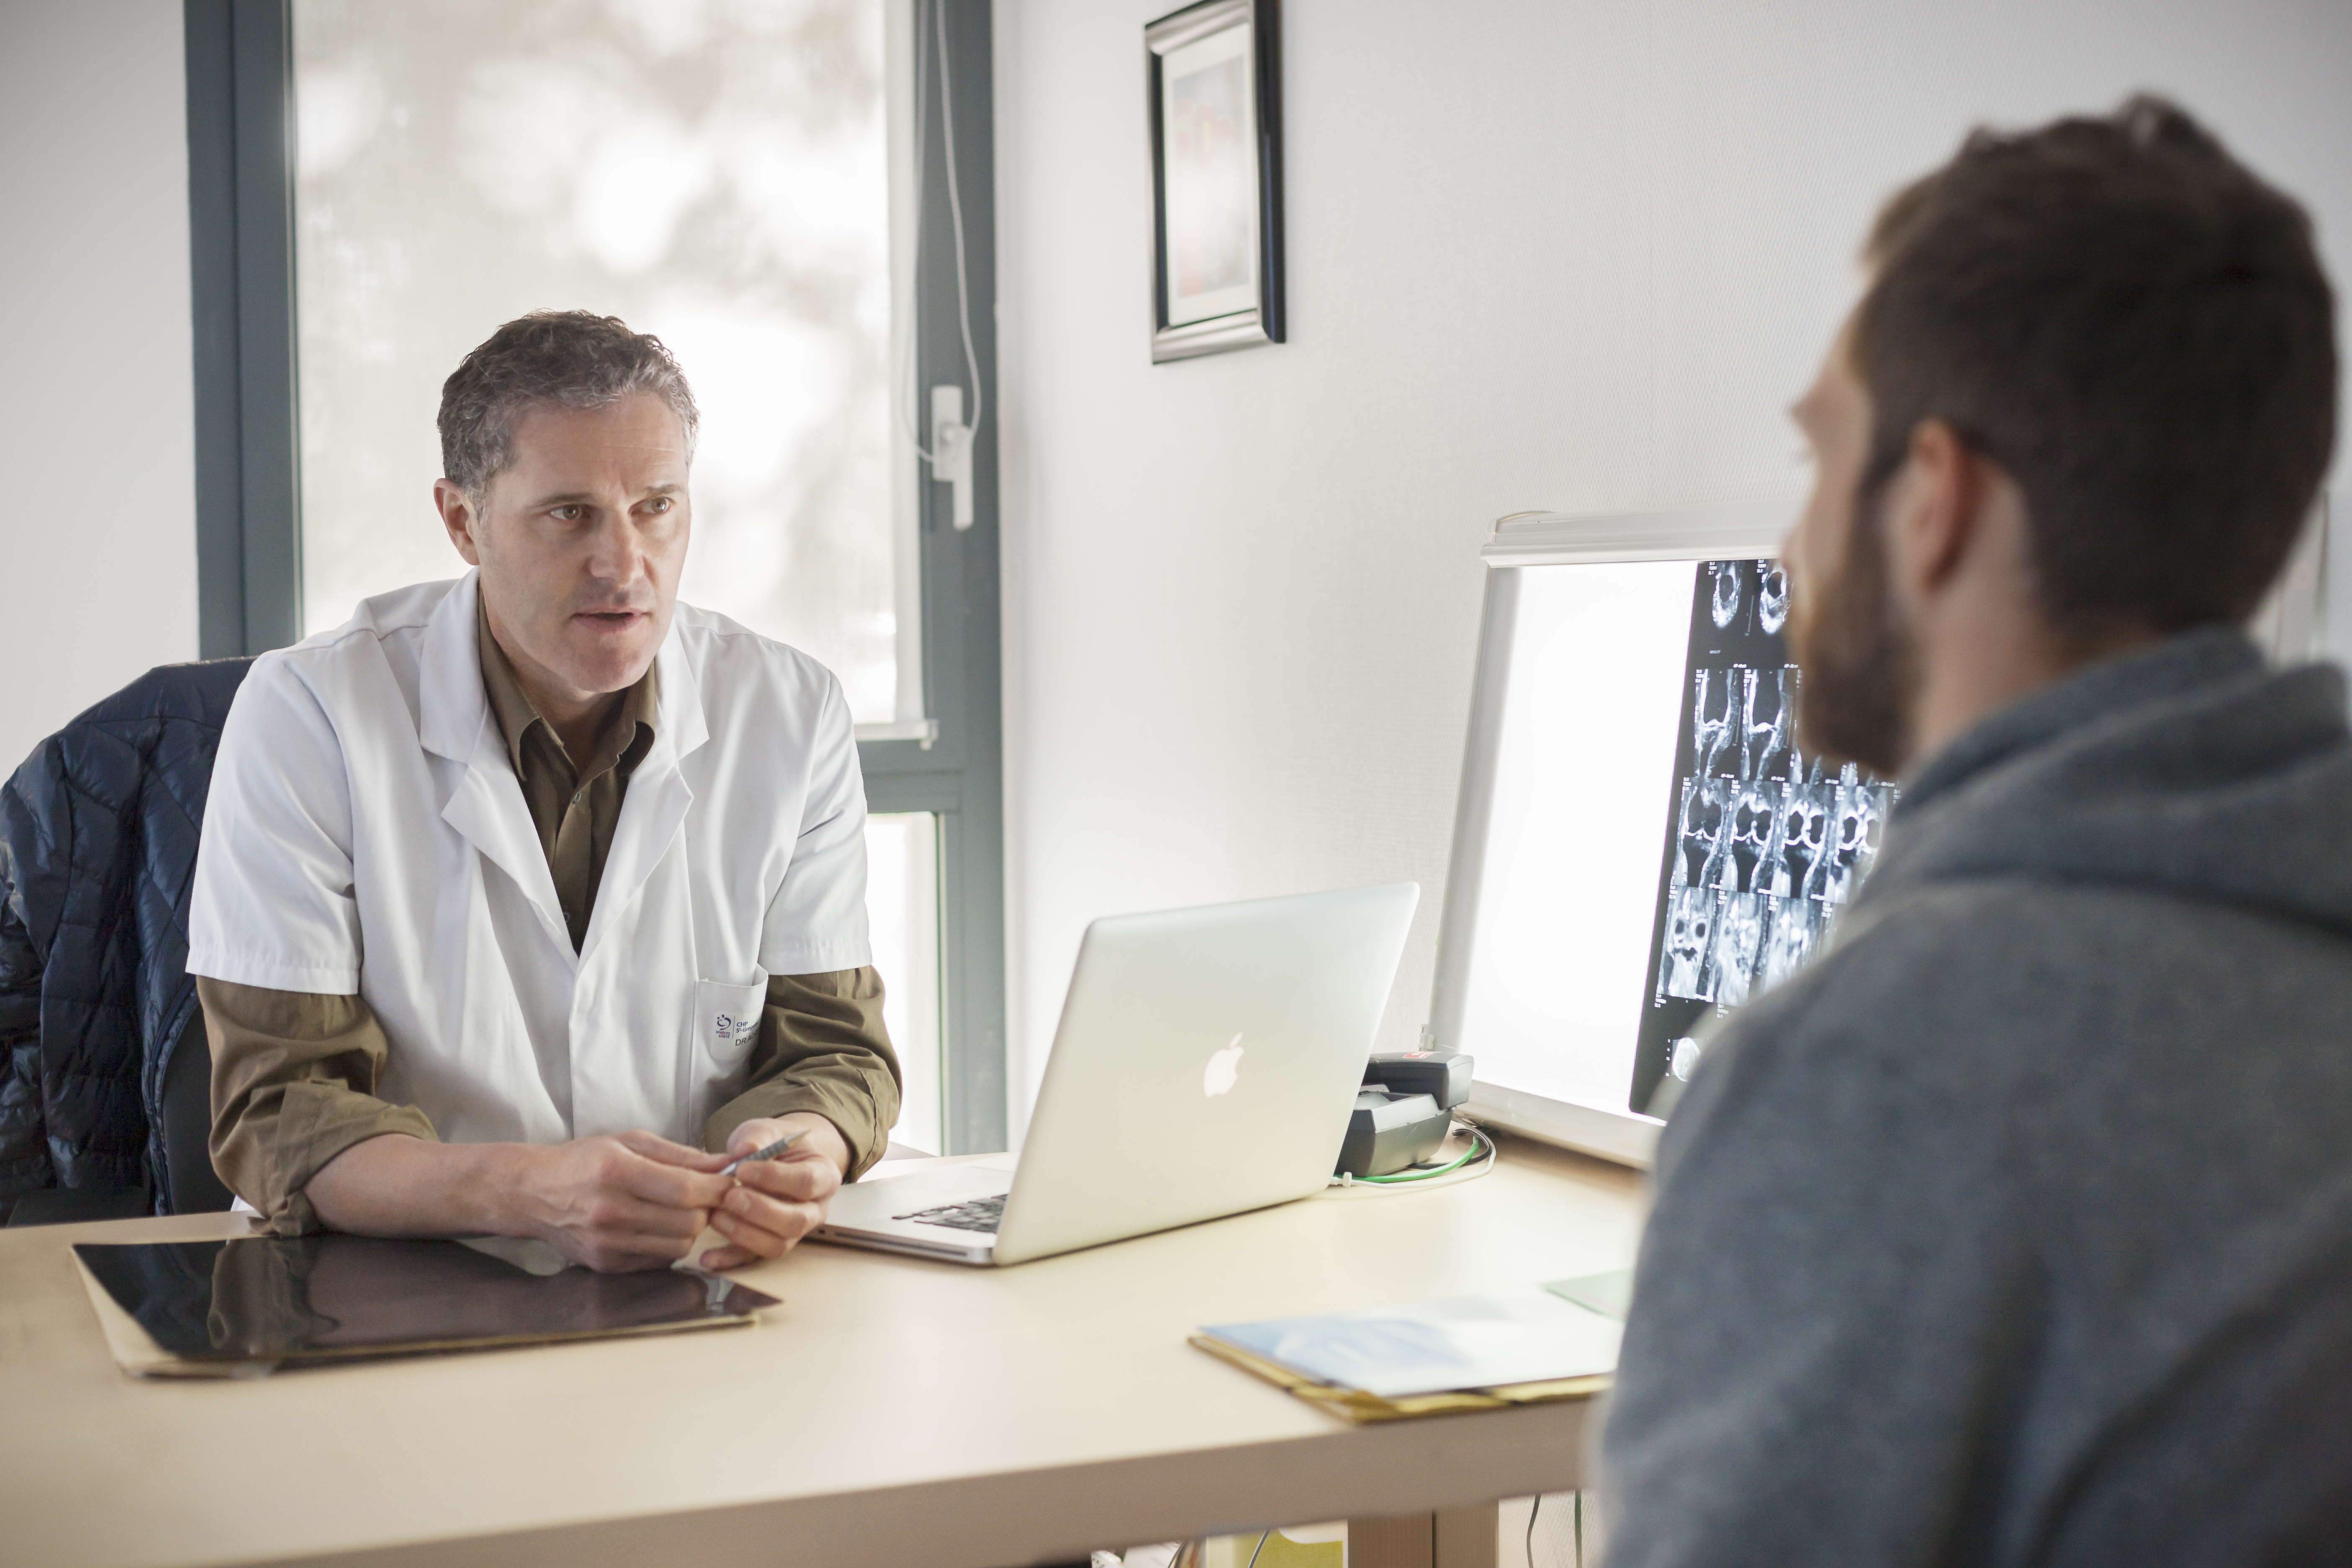 ce qu'il faut savoir sur les établissements de santé privés Polyclinique de Kério